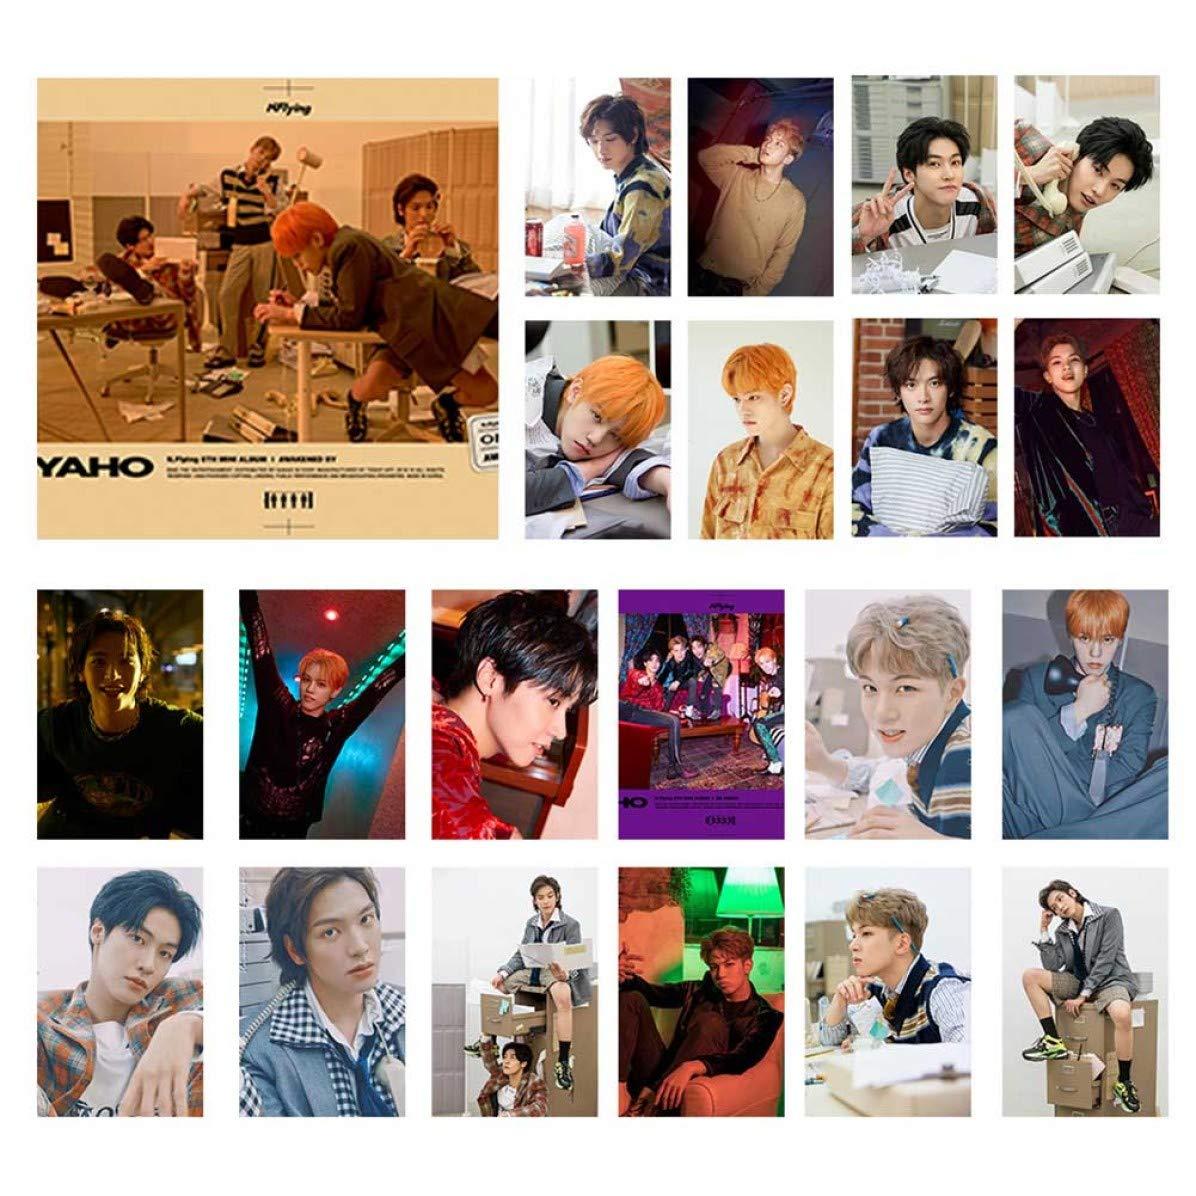 per confezione Cornell Friendly Super Junior Stray Kids Combinazione nuovo album cartolina LOMO 1 unit